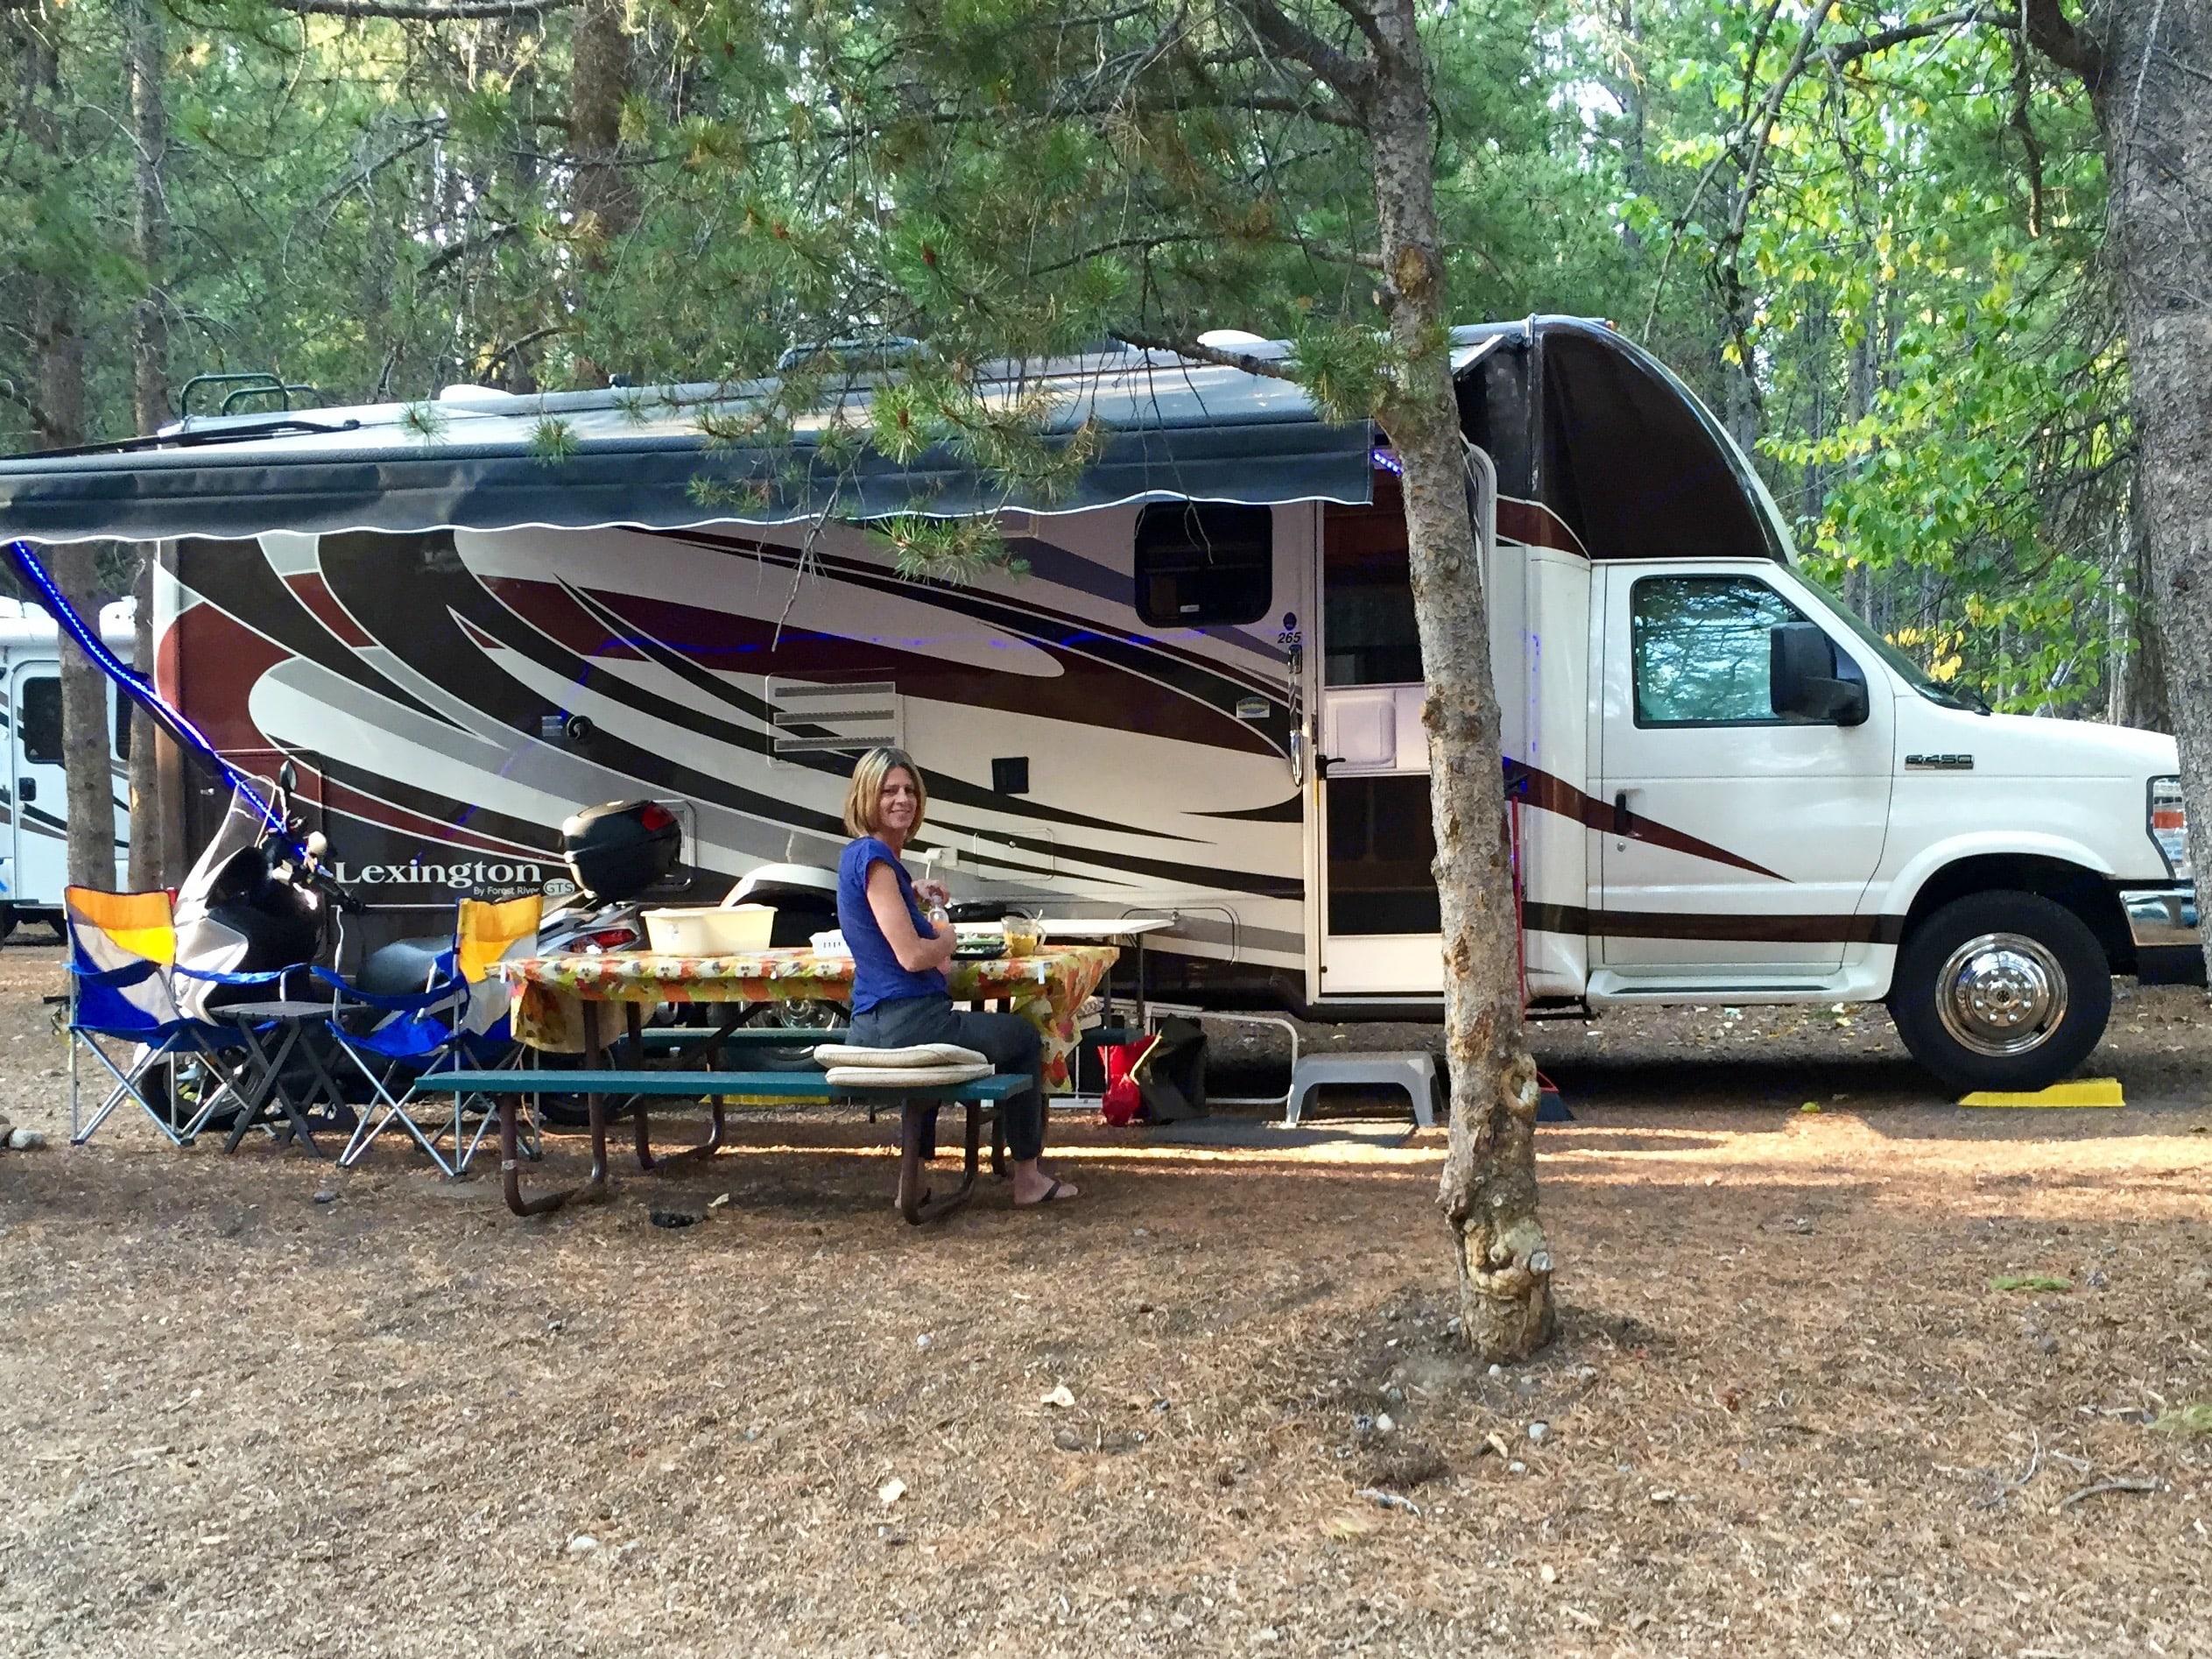 Forest River Lexington 2011